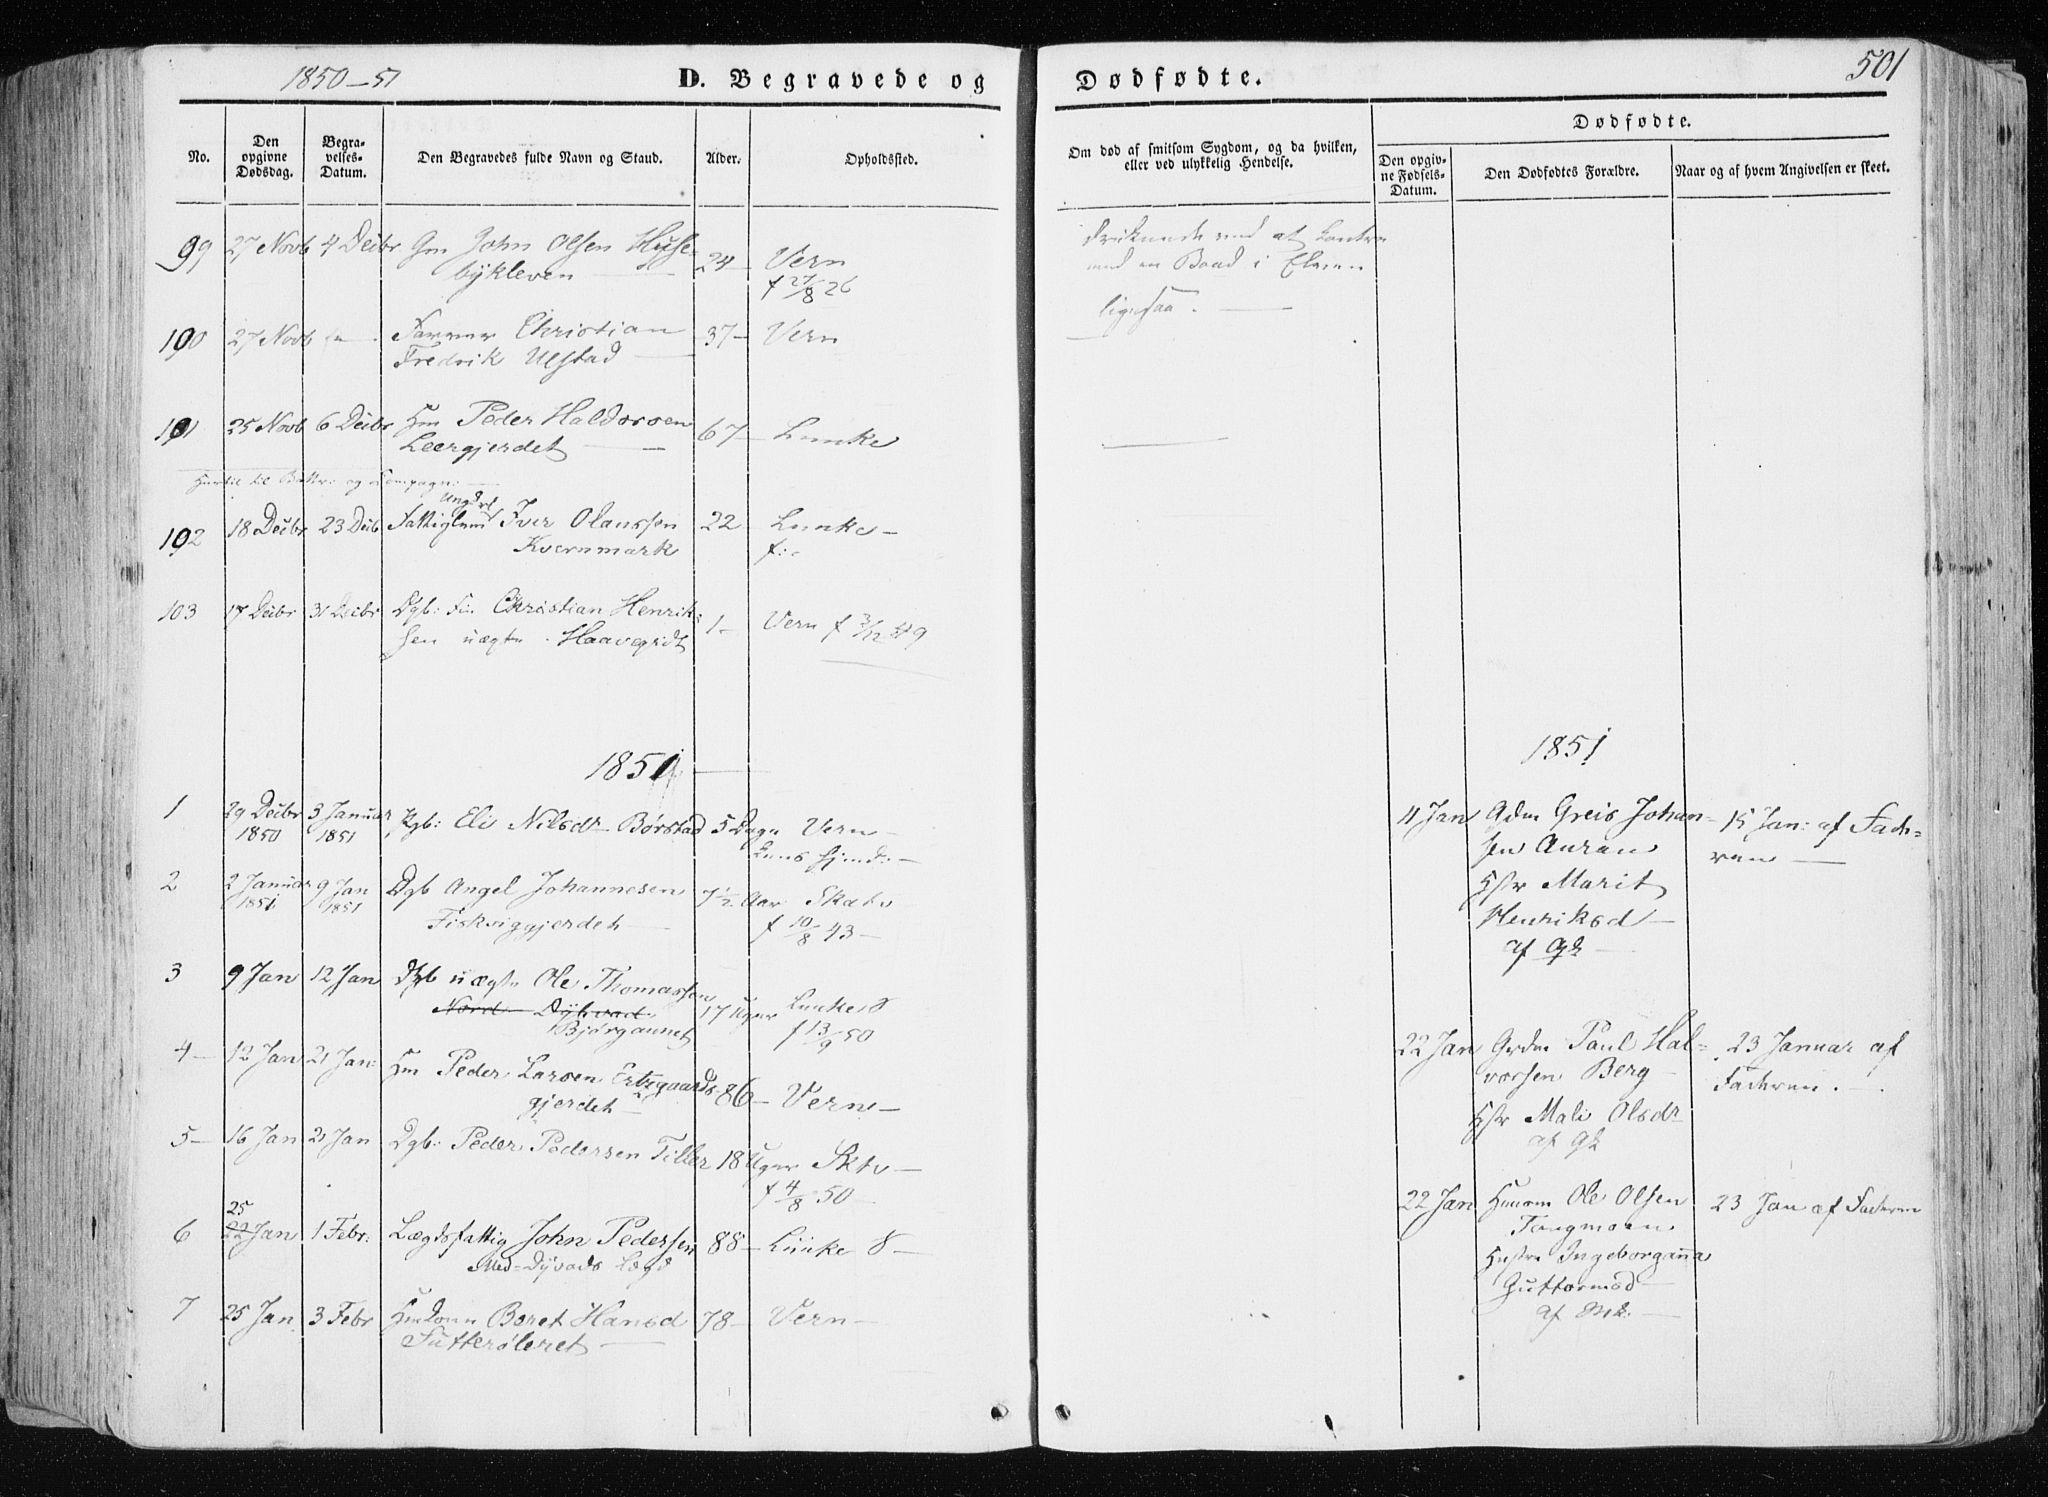 SAT, Ministerialprotokoller, klokkerbøker og fødselsregistre - Nord-Trøndelag, 709/L0074: Ministerialbok nr. 709A14, 1845-1858, s. 501